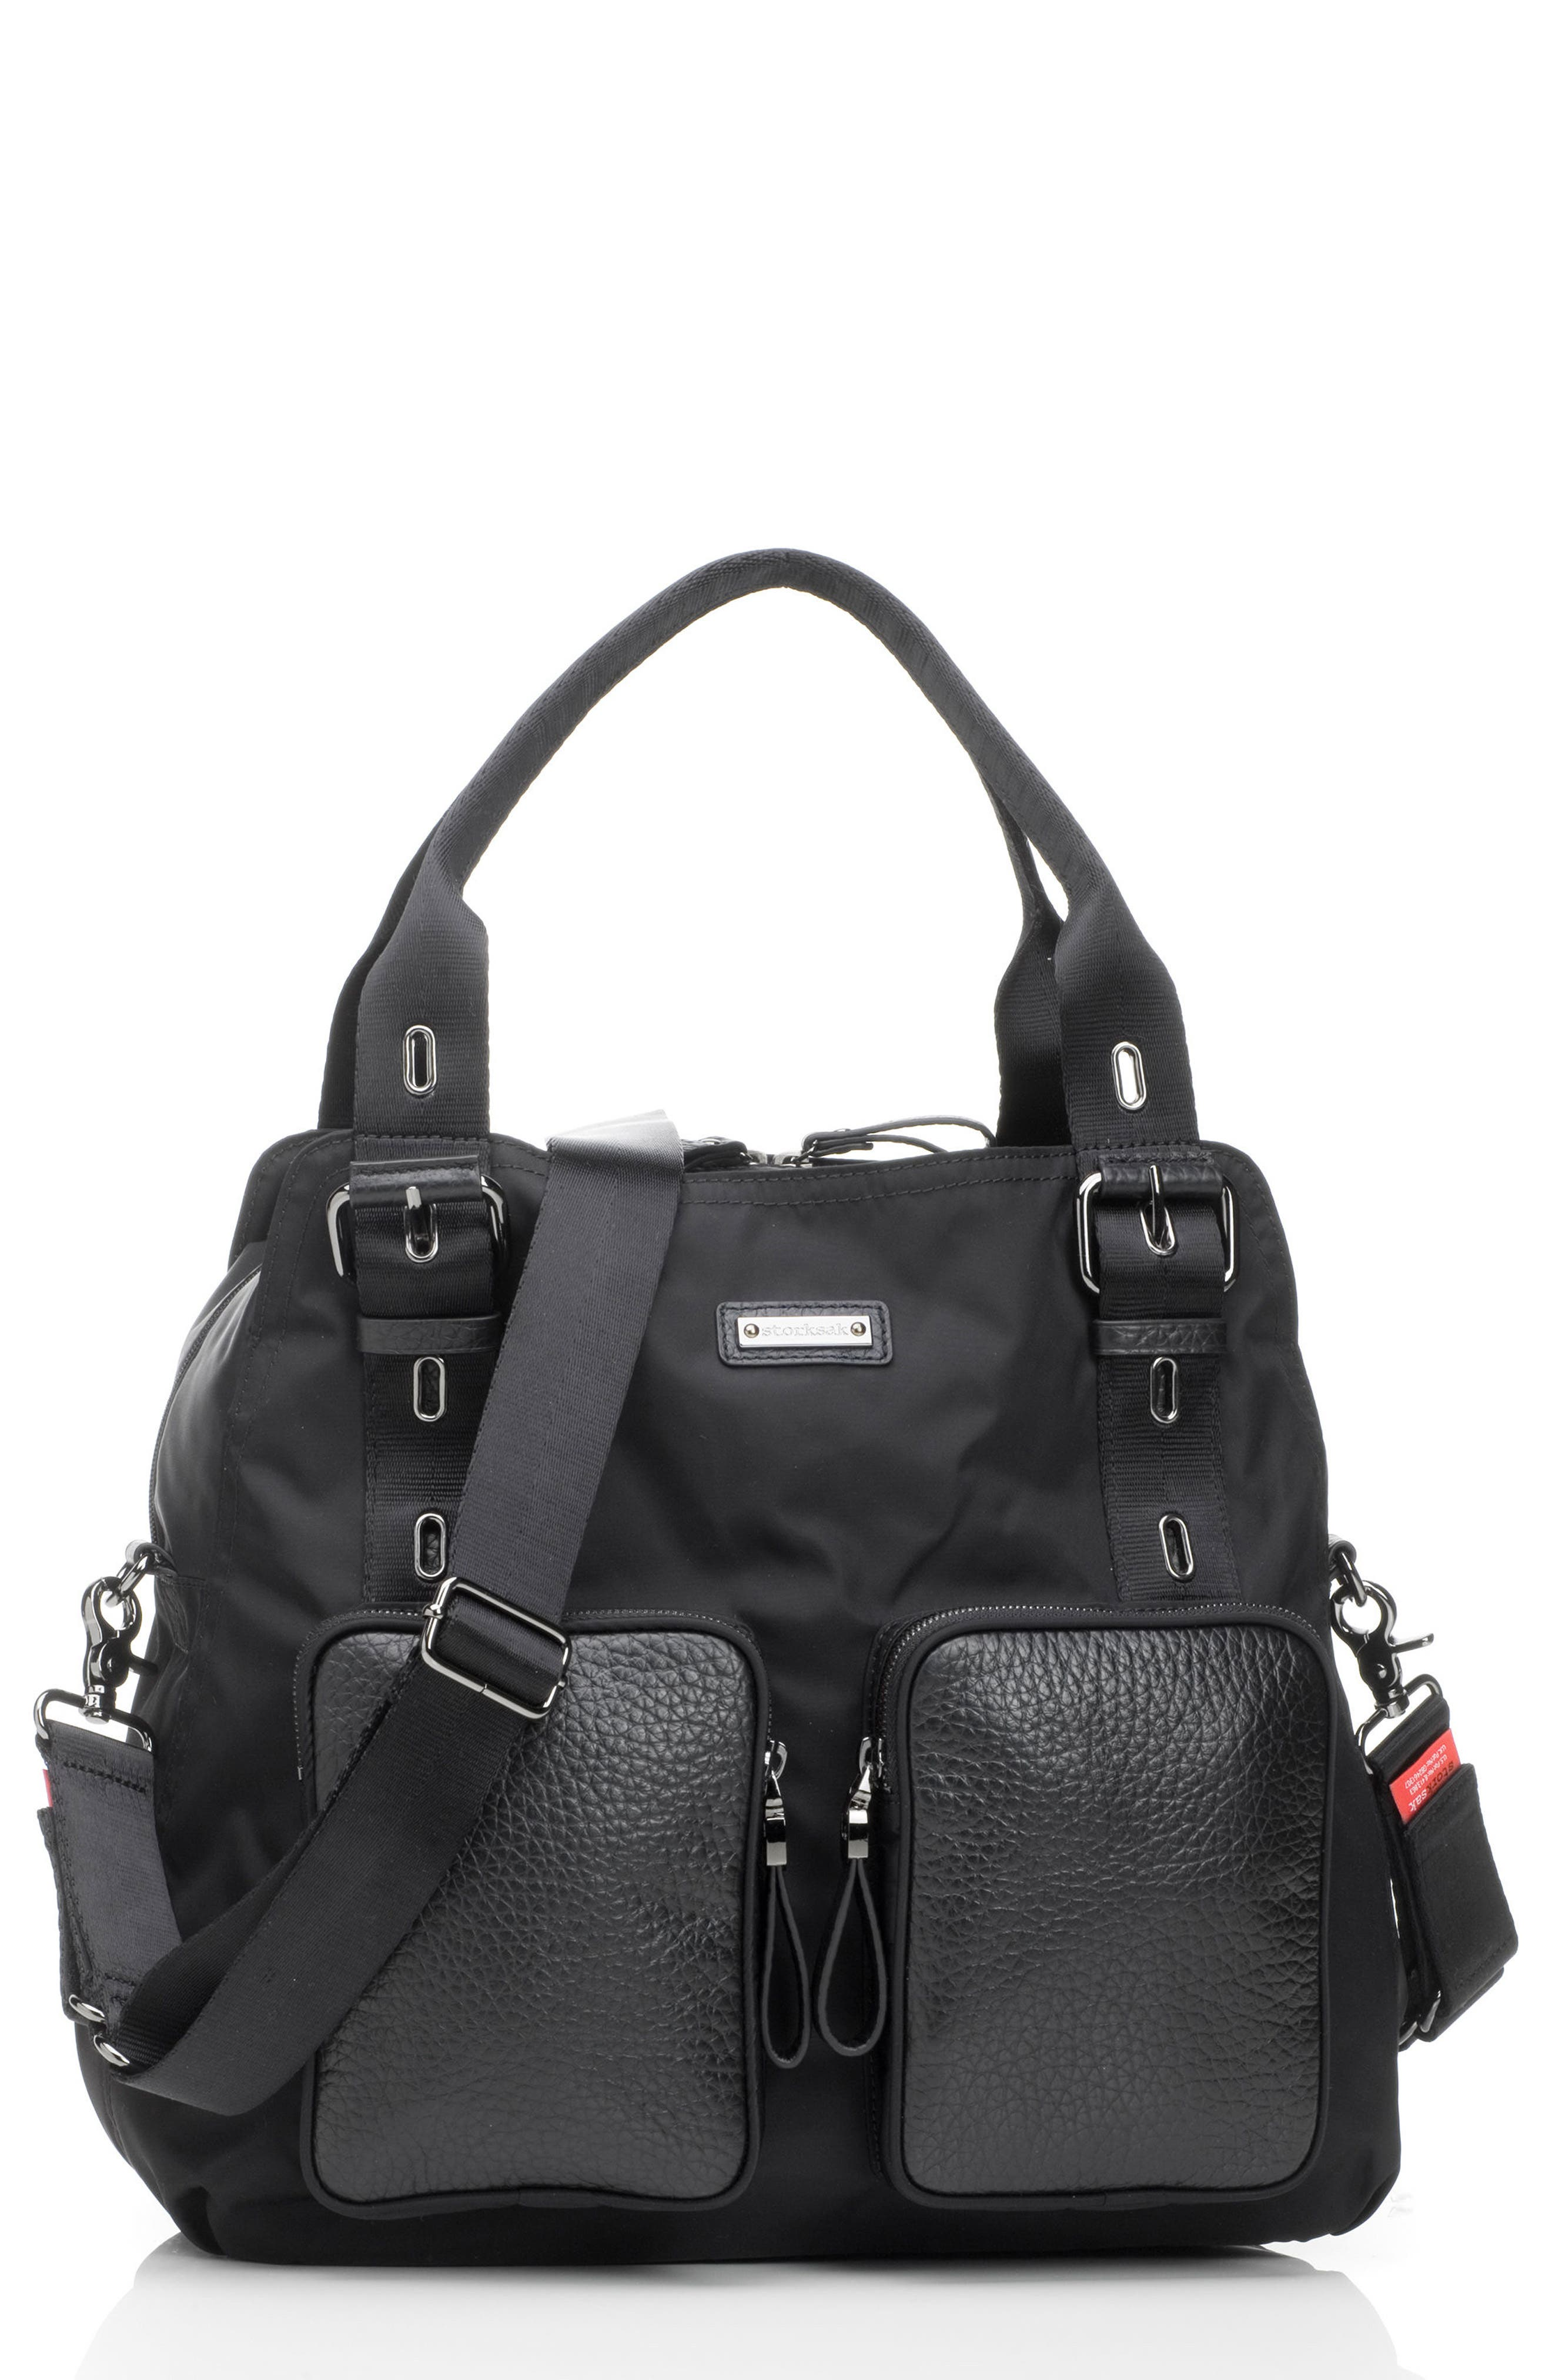 Main Image - Storksak Alexa Luxe Diaper Bag